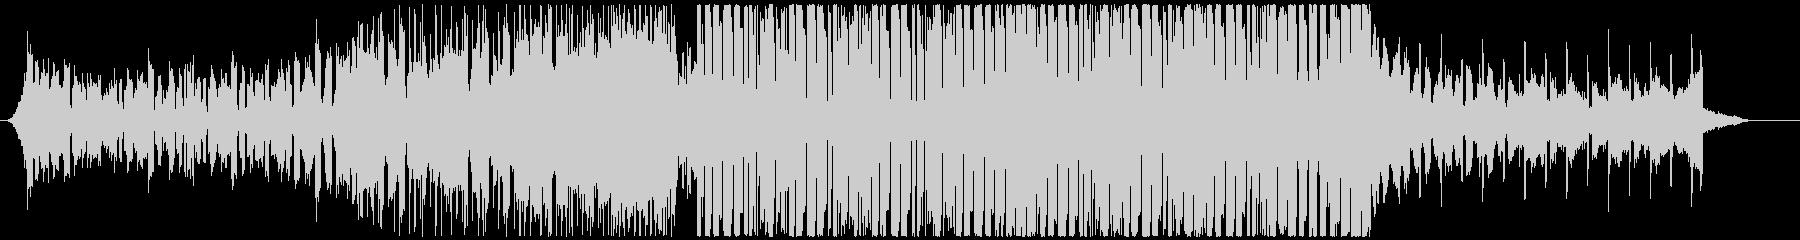 スタイリッシュな8Bitエレクトロハウスの未再生の波形